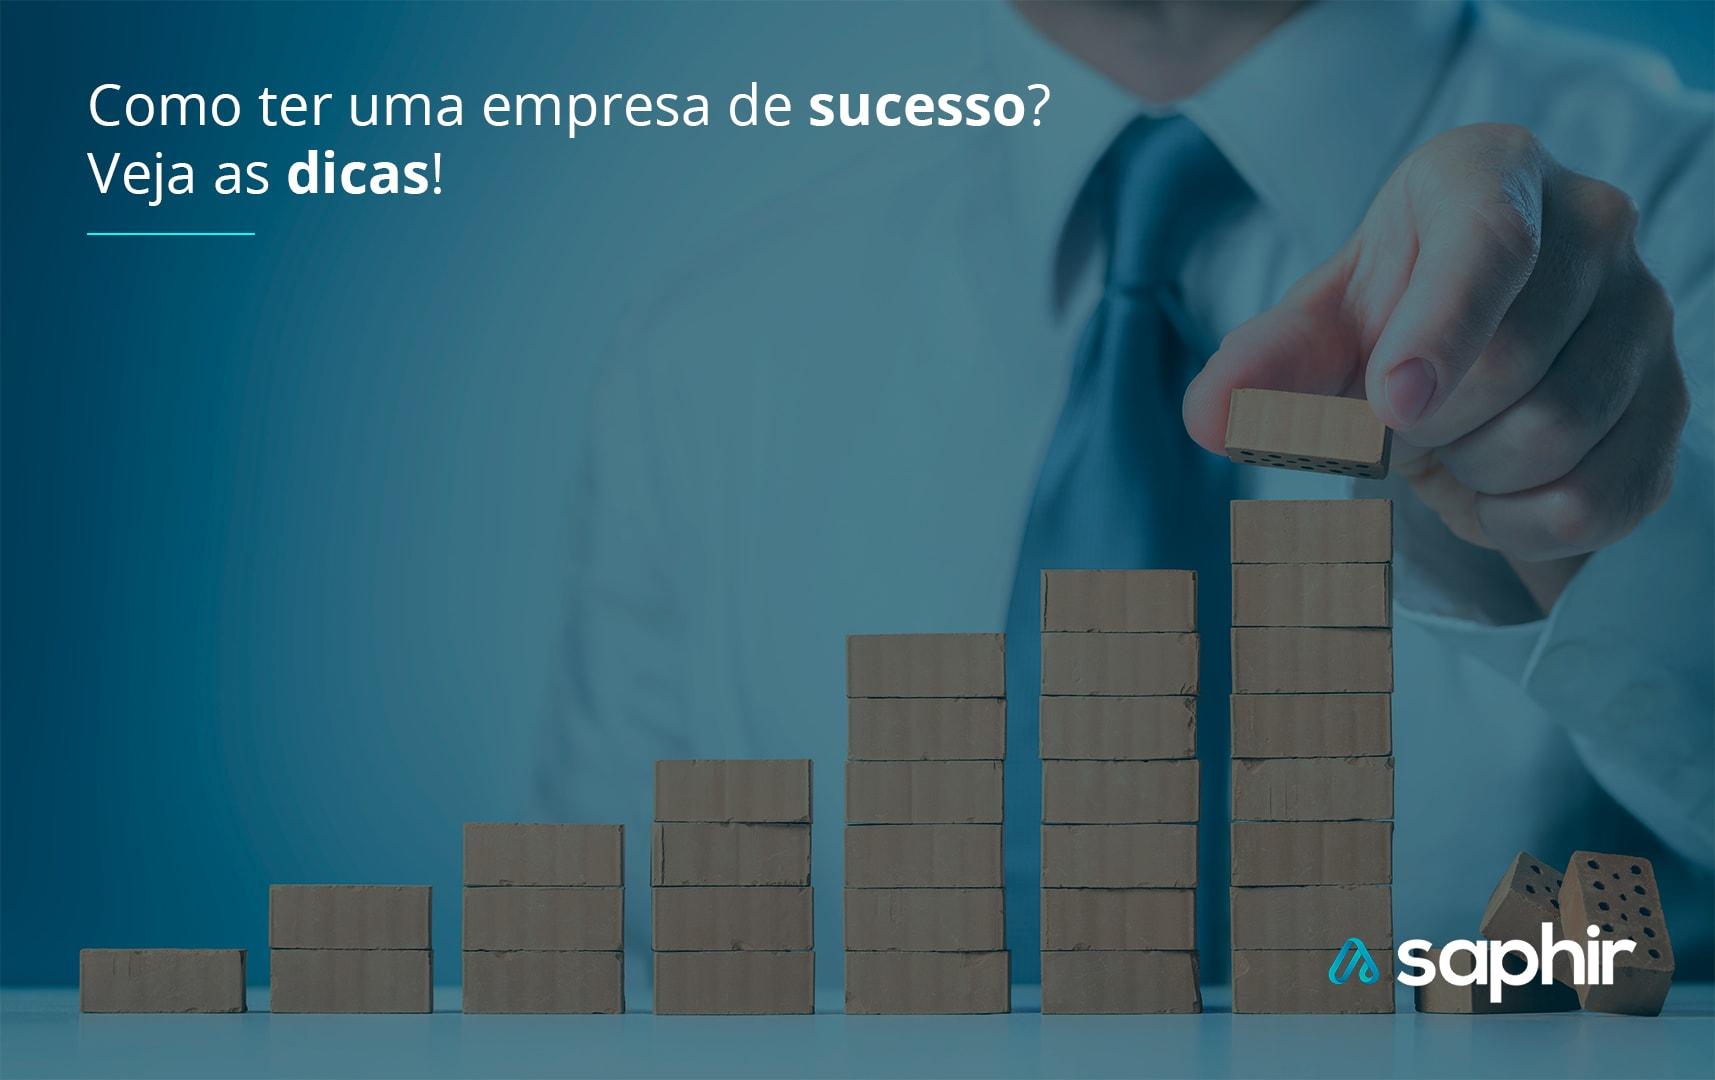 Veja dicas para ter uma empresa de sucesso